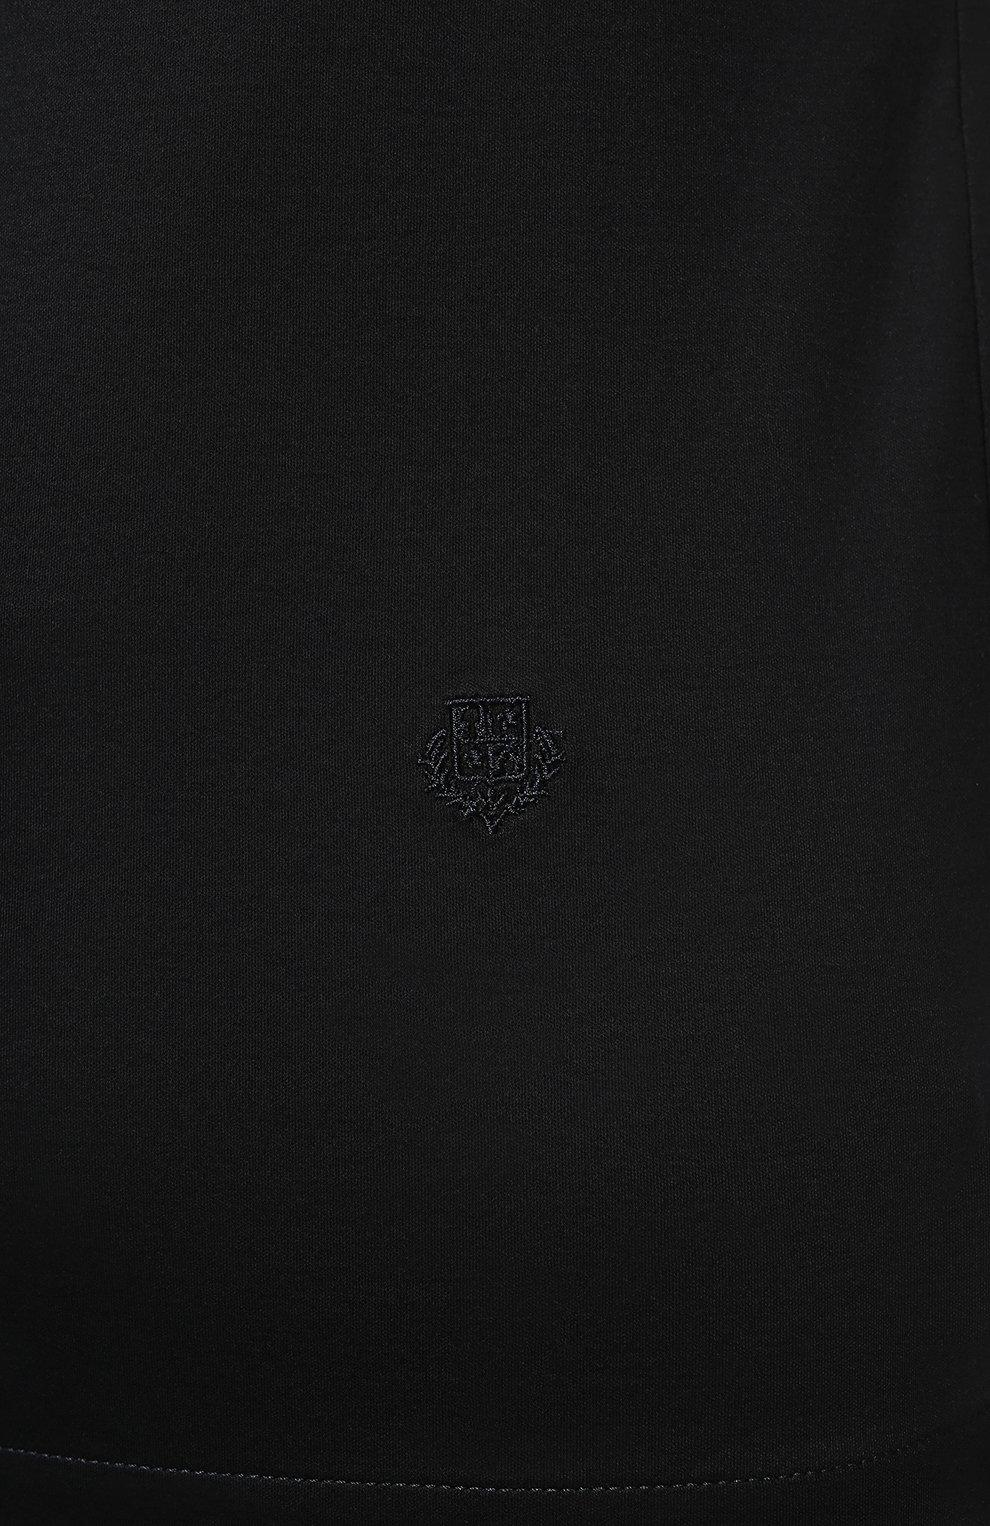 Женская хлопковая футболка LORO PIANA темно-синего цвета, арт. FAI5069   Фото 5 (Принт: Без принта; Рукава: Короткие; Длина (для топов): Стандартные; Материал внешний: Хлопок; Стили: Классический, Минимализм, Кэжуэл)